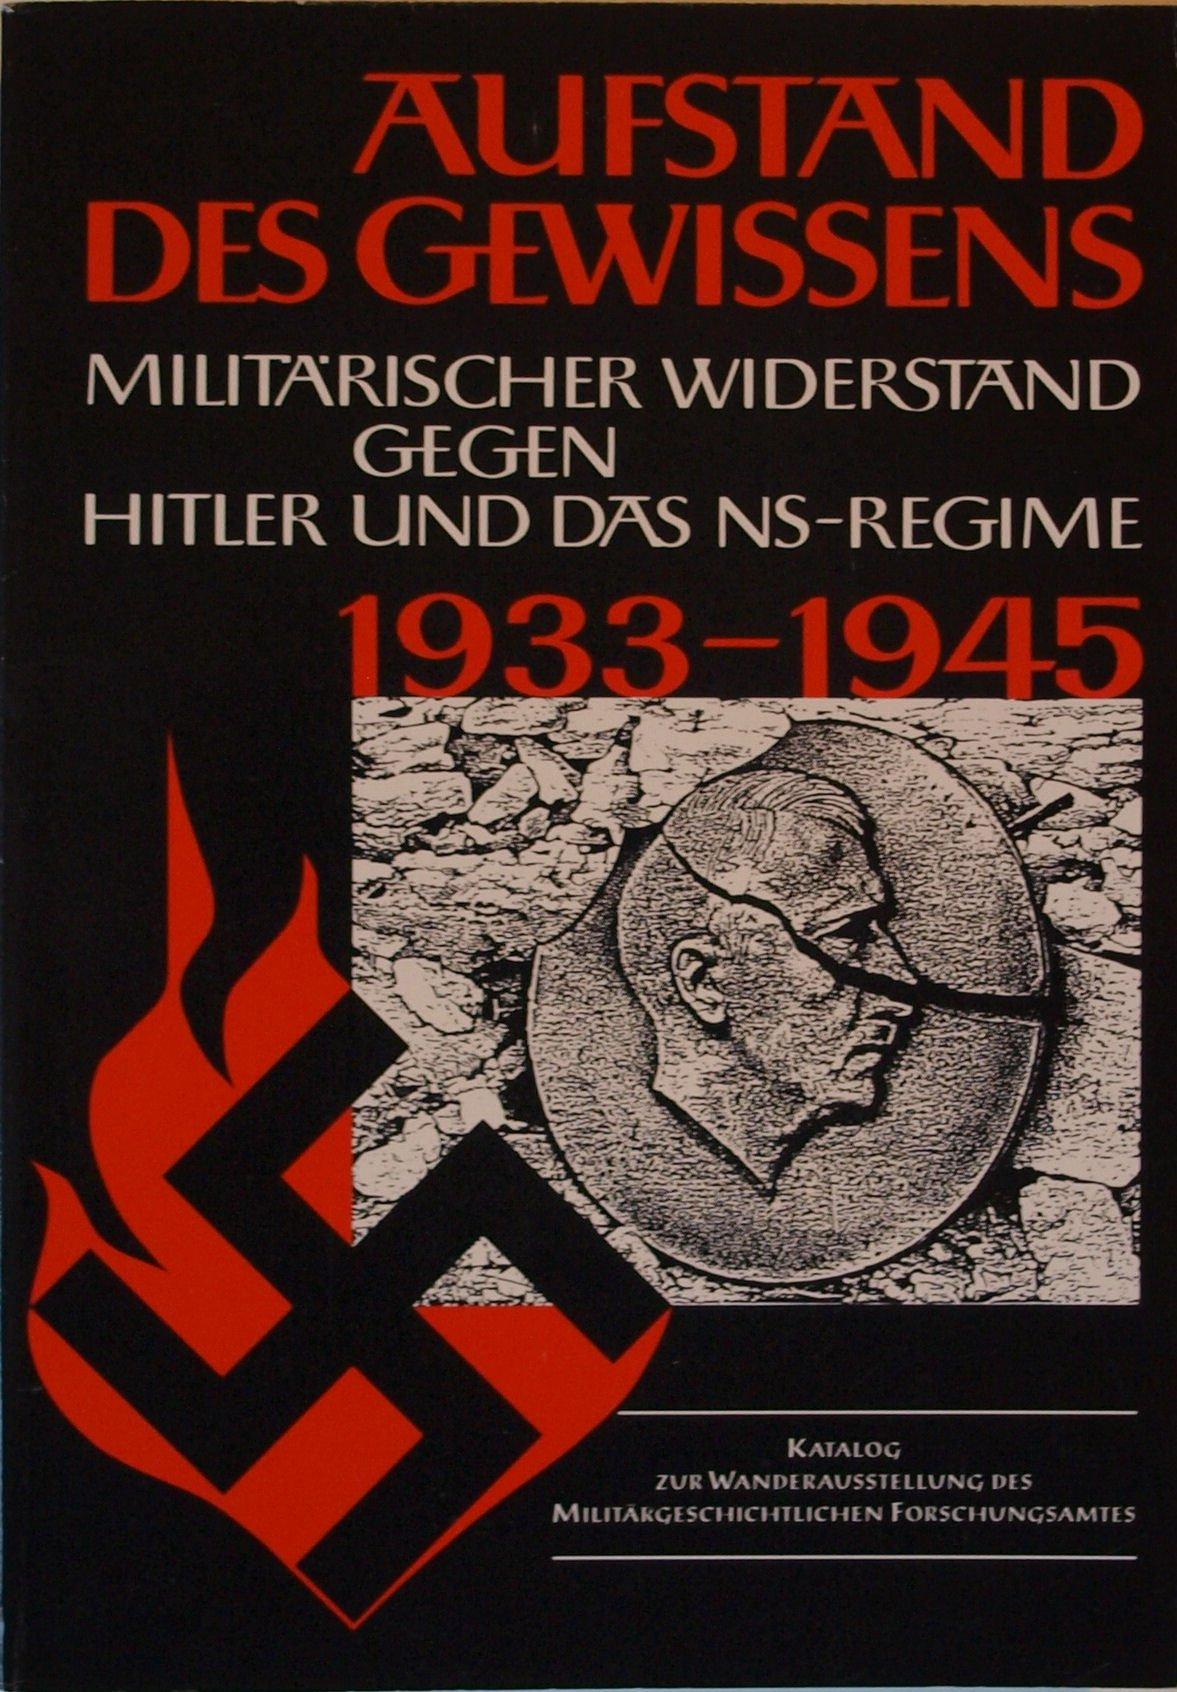 Aufstand des Gewissens: Der militärische Widerstand gegen Hitler und das NS-Regime 1933-1945. Katalog zur gleichnamigen Ausstellung